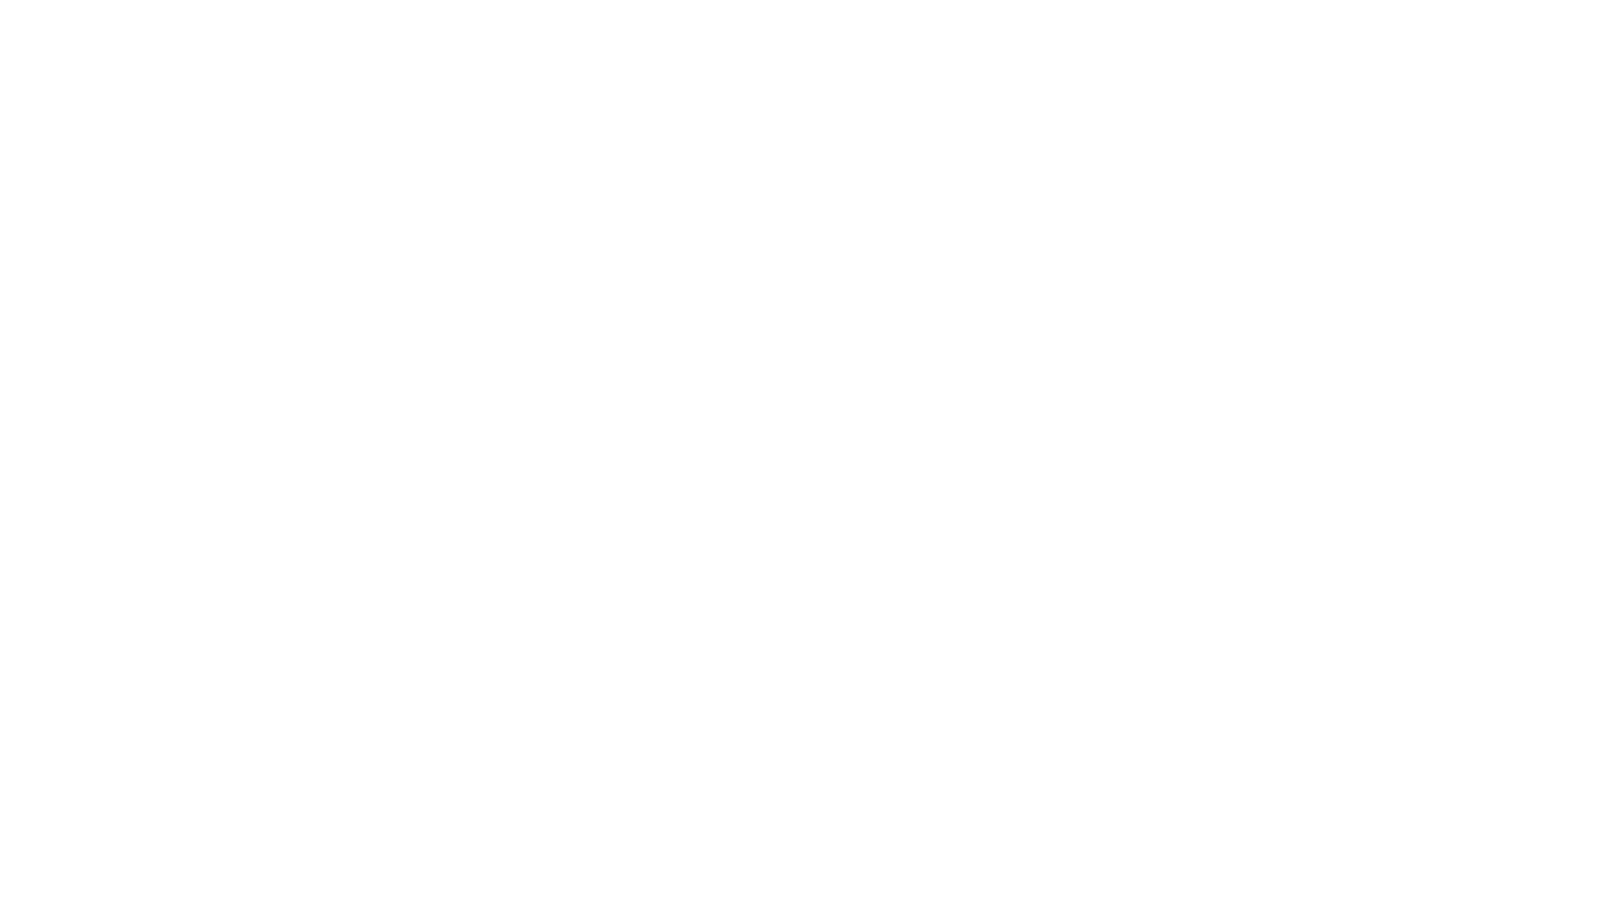 """Весняна будівельна ліквідація! Тільки з 3 по 7 травня! Повна ліквідація залишків! До -50% на безліч товарів! Оновлюємося з природою!  Телефон для заказов и предложений: 0-800-219-900 (звонки бесплатные с городских и мобильных в Украине).   Ждём Вас в наших магазинах: Рубежное: ул. Мира, 27;  р-н Южная, пер. Тимирязева, 4 Кременная: ул. Банковая, 3-а Лисичанск: ул. Григория Сковороды, 125 (район «Сильпо») Сватово: пл. Привокзальная, 6  Вступайте в сообщество """"СТРОИТЕЛЬ"""" в Viber https://bit.ly/3esoug7   В сети супермаркетов «Строитель» вы можете купить: • кирпич, брус, ДВП, ДСП, ОСБ, QSB, • материалы для кровли (профнастил, металлочерепица, шифер), • металлопрокат, • системы утепления (пенопласт, пенополистирол, минеральная вата), • гипсокартон плюс комплектующие, • сухие смеси, • двери входные и межкомнатные, • лакокрасочная продукция, обои, • электроинструмент, сантехника ведущих производителей, • спецодежда, товары хозгруппы; и еще 90 000 наименований товаров.  Индивидуальный подход к каждому клиенту и отлаженная логистика сделают наше сотрудничество долгосрочным и продуктивным.  Наш сайт: http://stroitel.org.ua/  Facebook: https://www.facebook.com/stroitelorgua  Instagram: https://www.instagram.com/stroitel11  ВКонтакте: https://vk.com/stroitelorgua Youtube: https://www.youtube.com/stroitelorgua"""